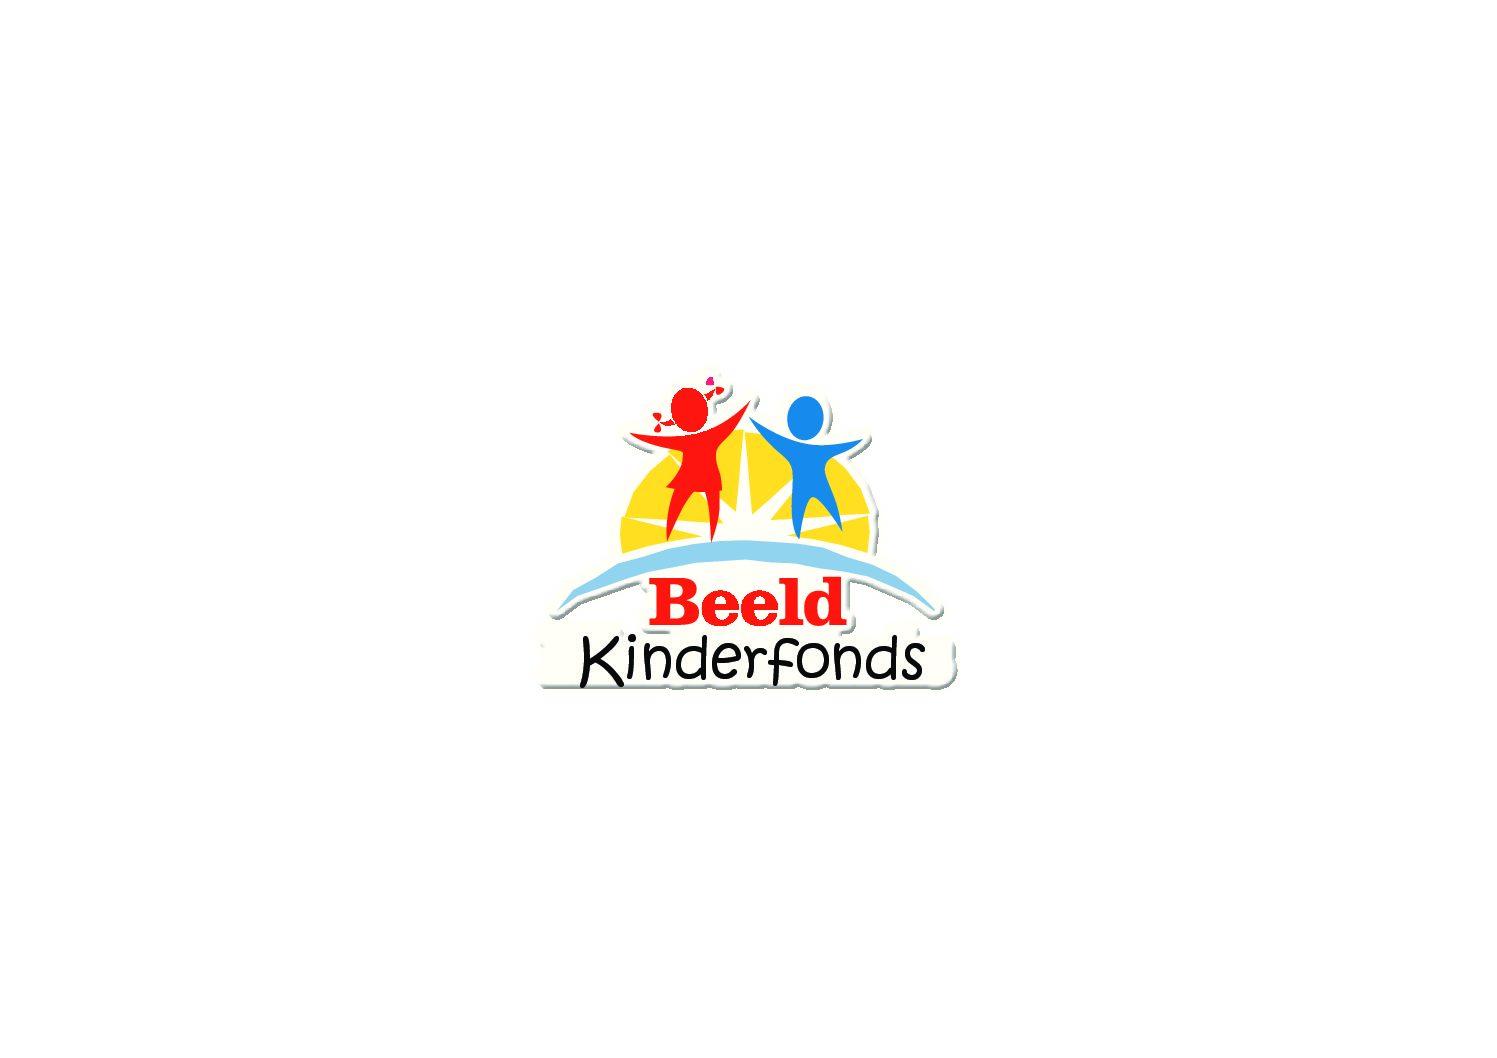 Beeld-Kinderfonds / Beeld Children's Fund